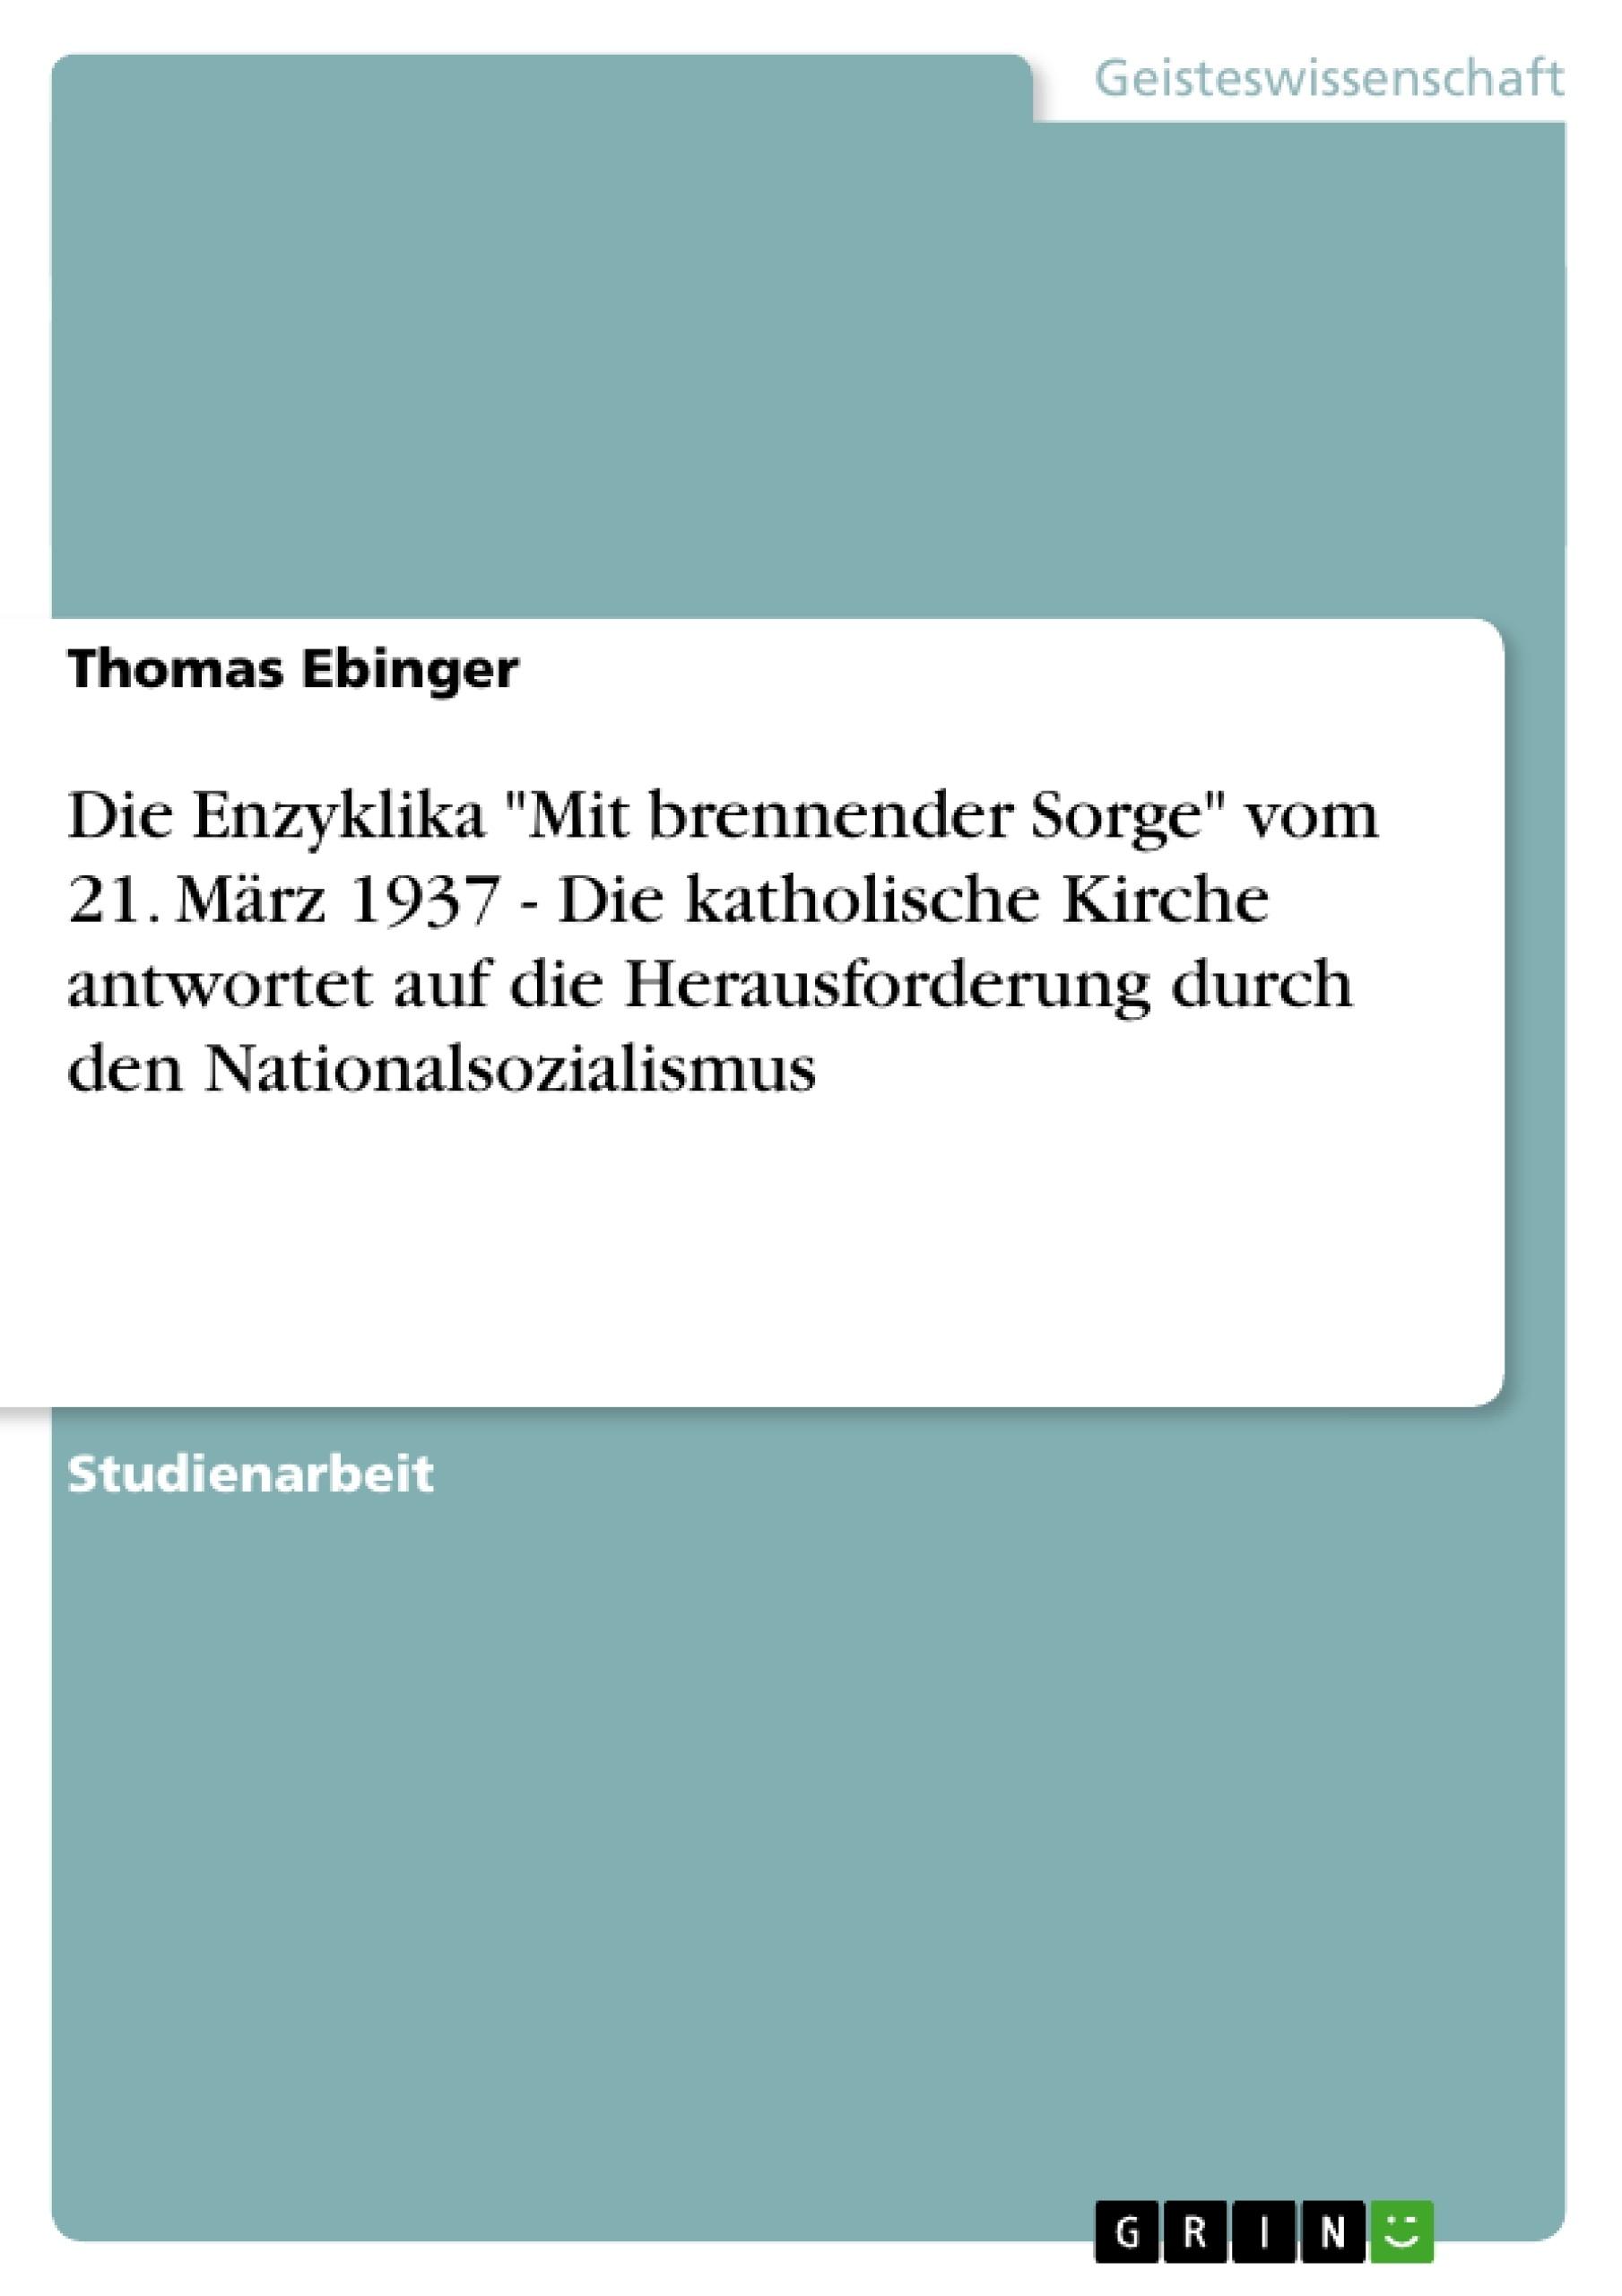 """Titel: Die Enzyklika """"Mit brennender Sorge"""" vom 21. März 1937 - Die katholische Kirche antwortet auf die Herausforderung durch den Nationalsozialismus"""